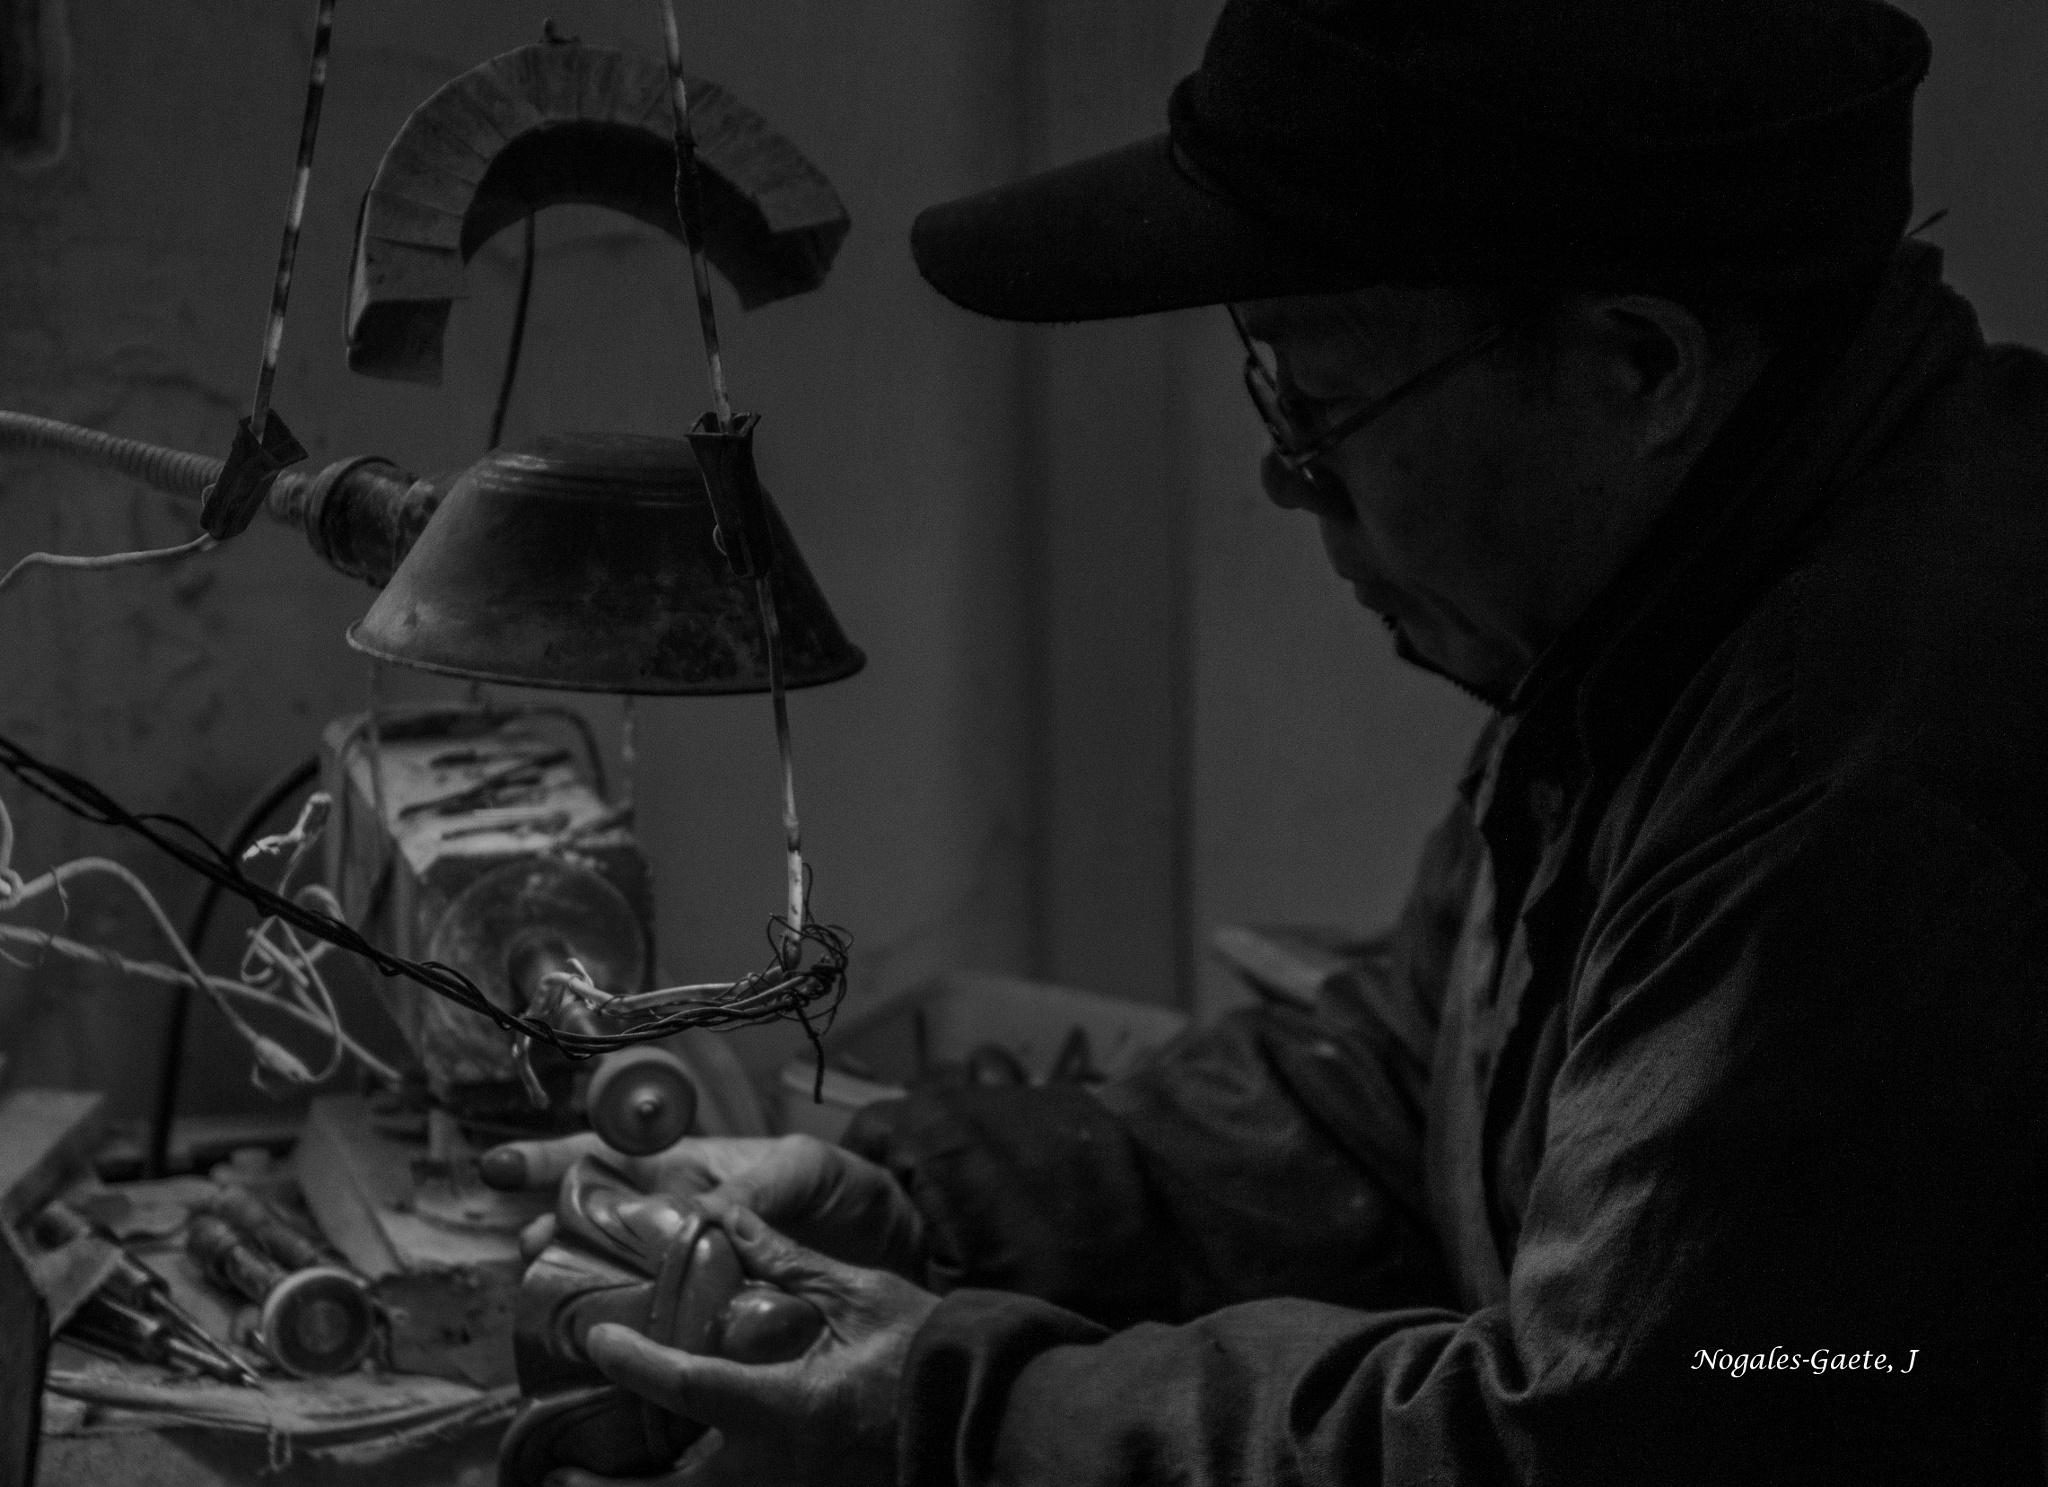 Artesano - handicraftsman by Jorge Nogales